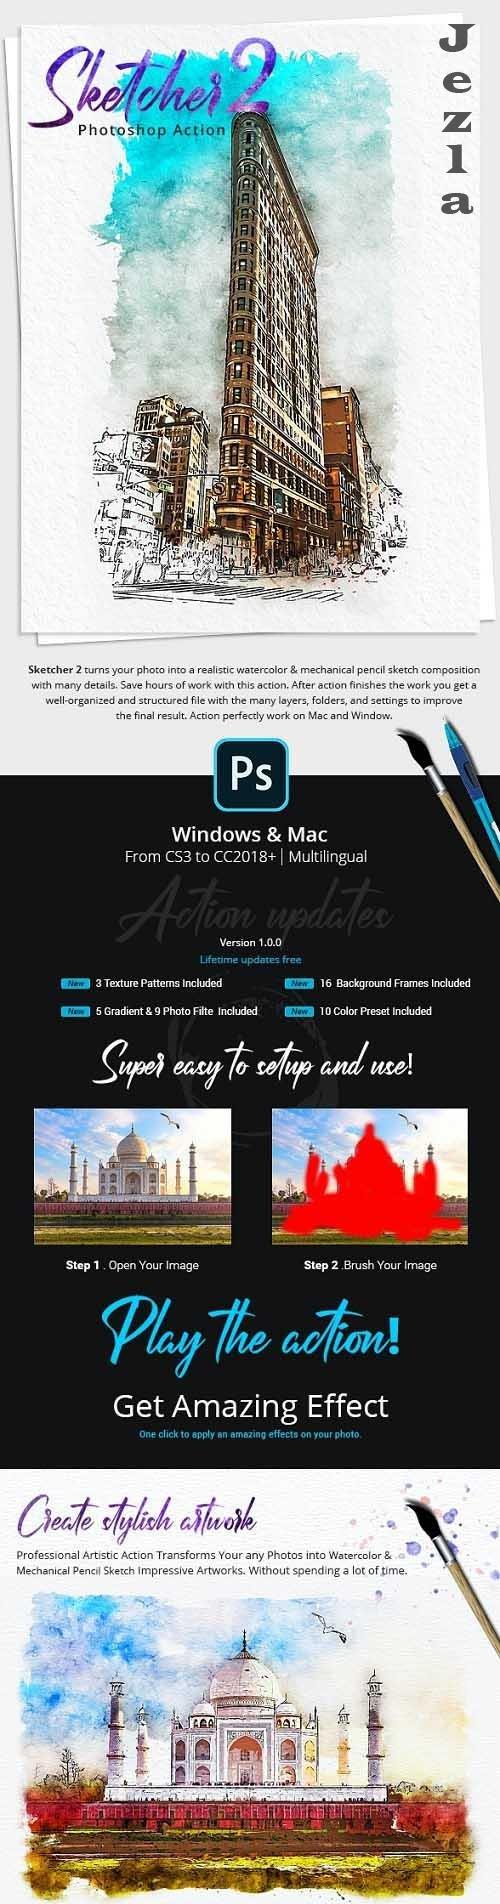 Sketcher 2 PHSP Action - 33112835